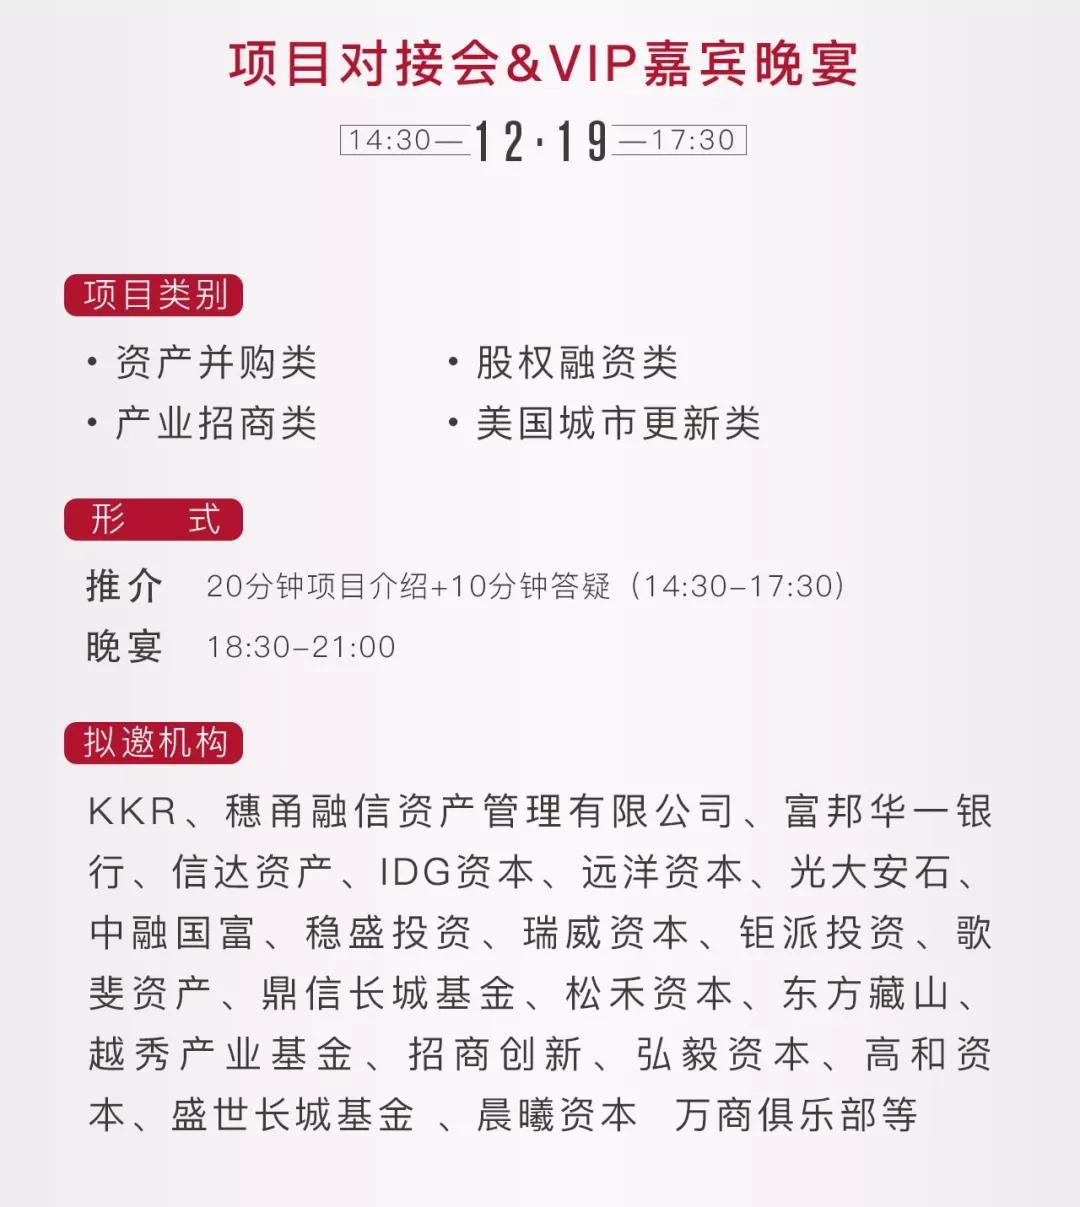 第三届(2018)中国不动产资管大会暨资管新势力年度颁奖盛典(北京)